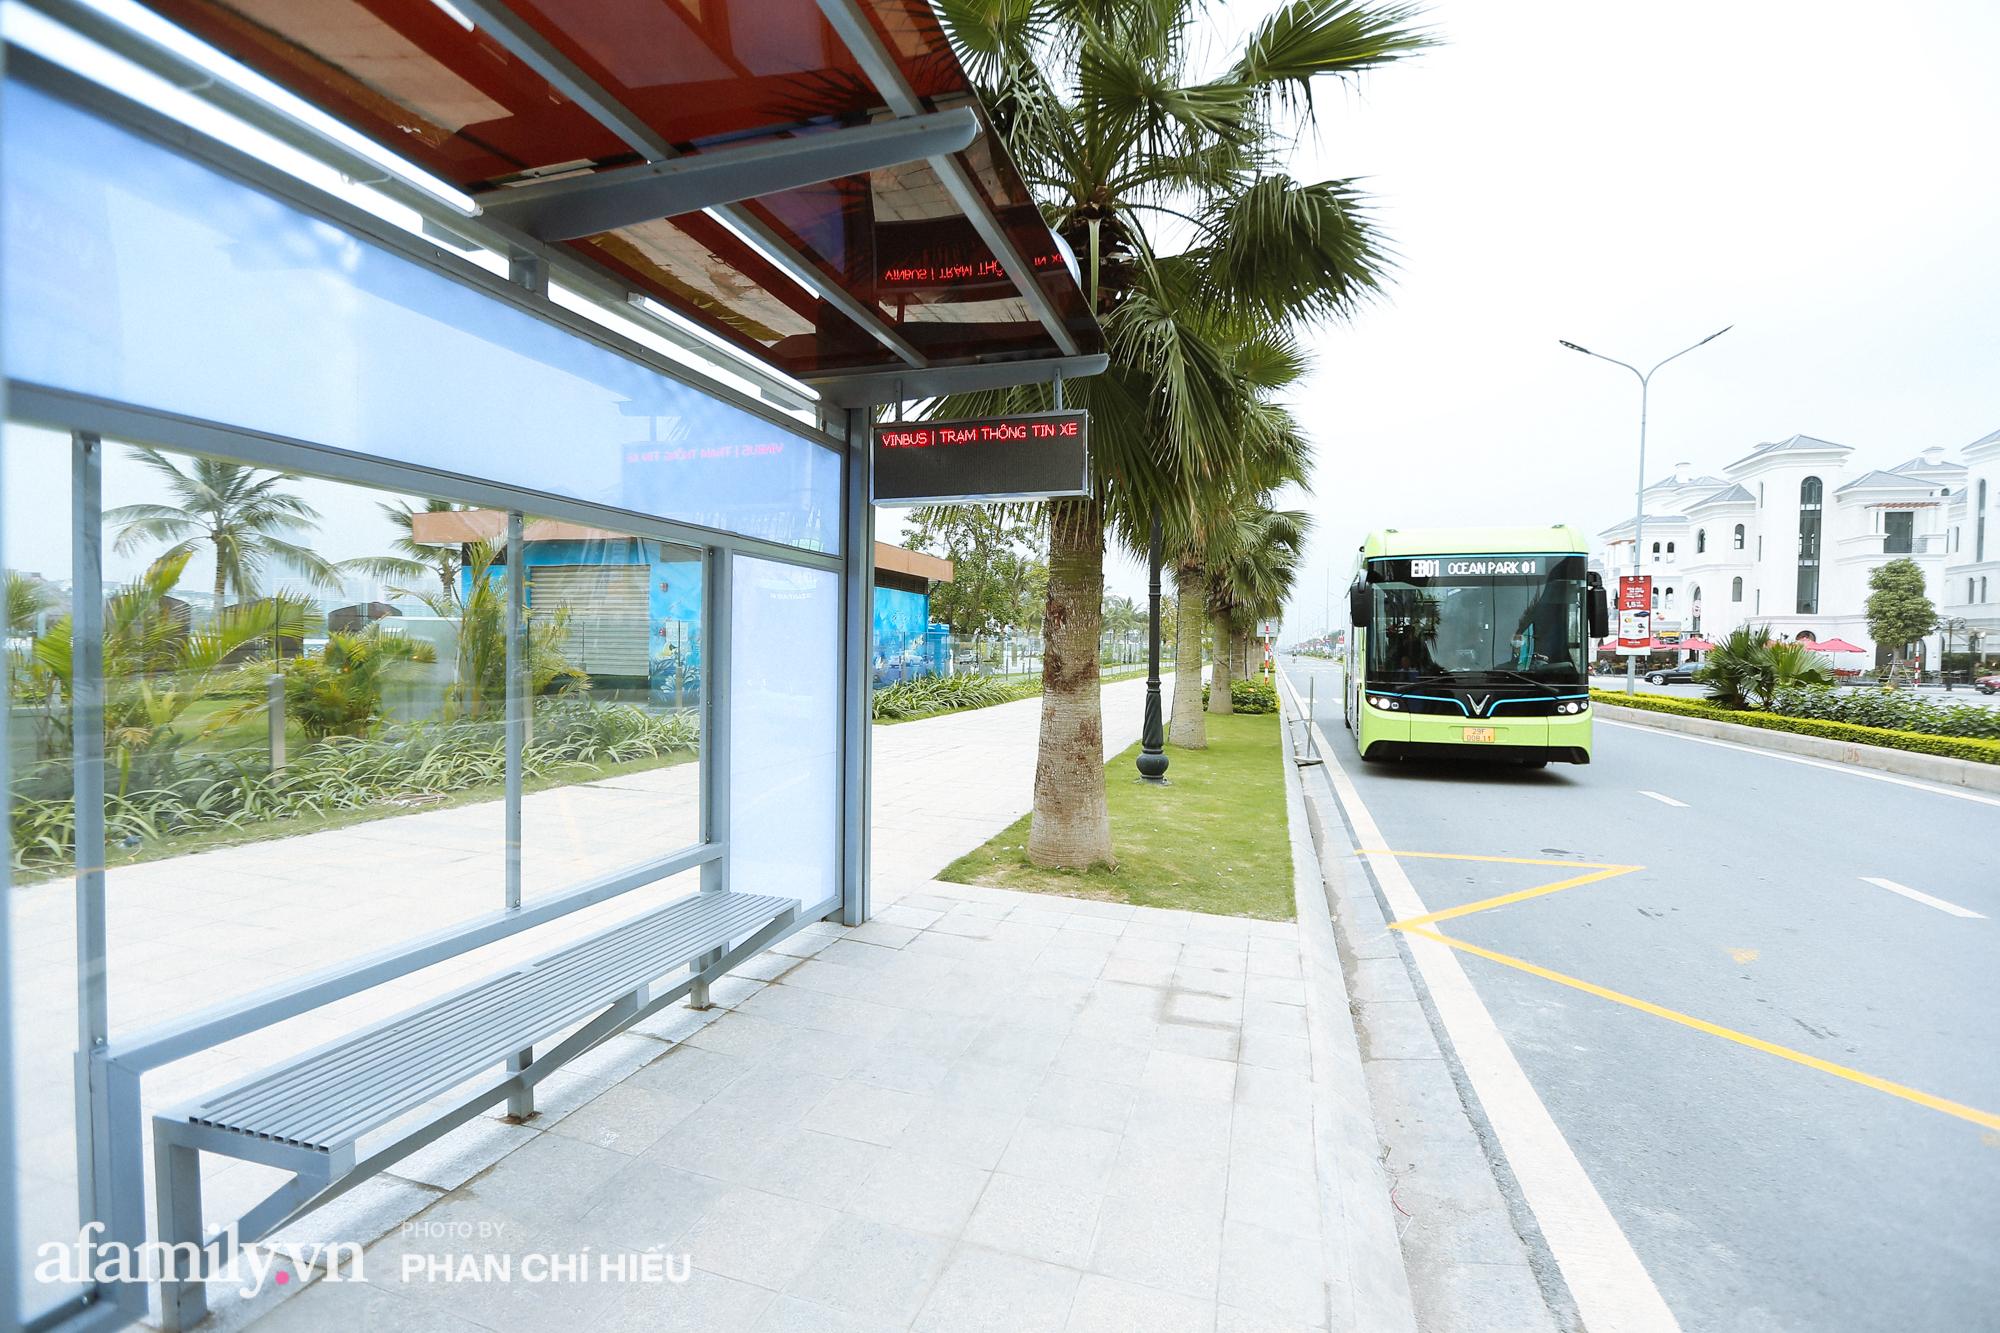 Khám phá tuyến xe buýt điện đầu tiên tại Hà Nội, sử dụng nguồn năng lượng vô tận từ năng lượng mặt trời, xe đủ thử trang bị tiện ích chẳng kém gì những chiếc xế hộp xịn xò - Ảnh 12.